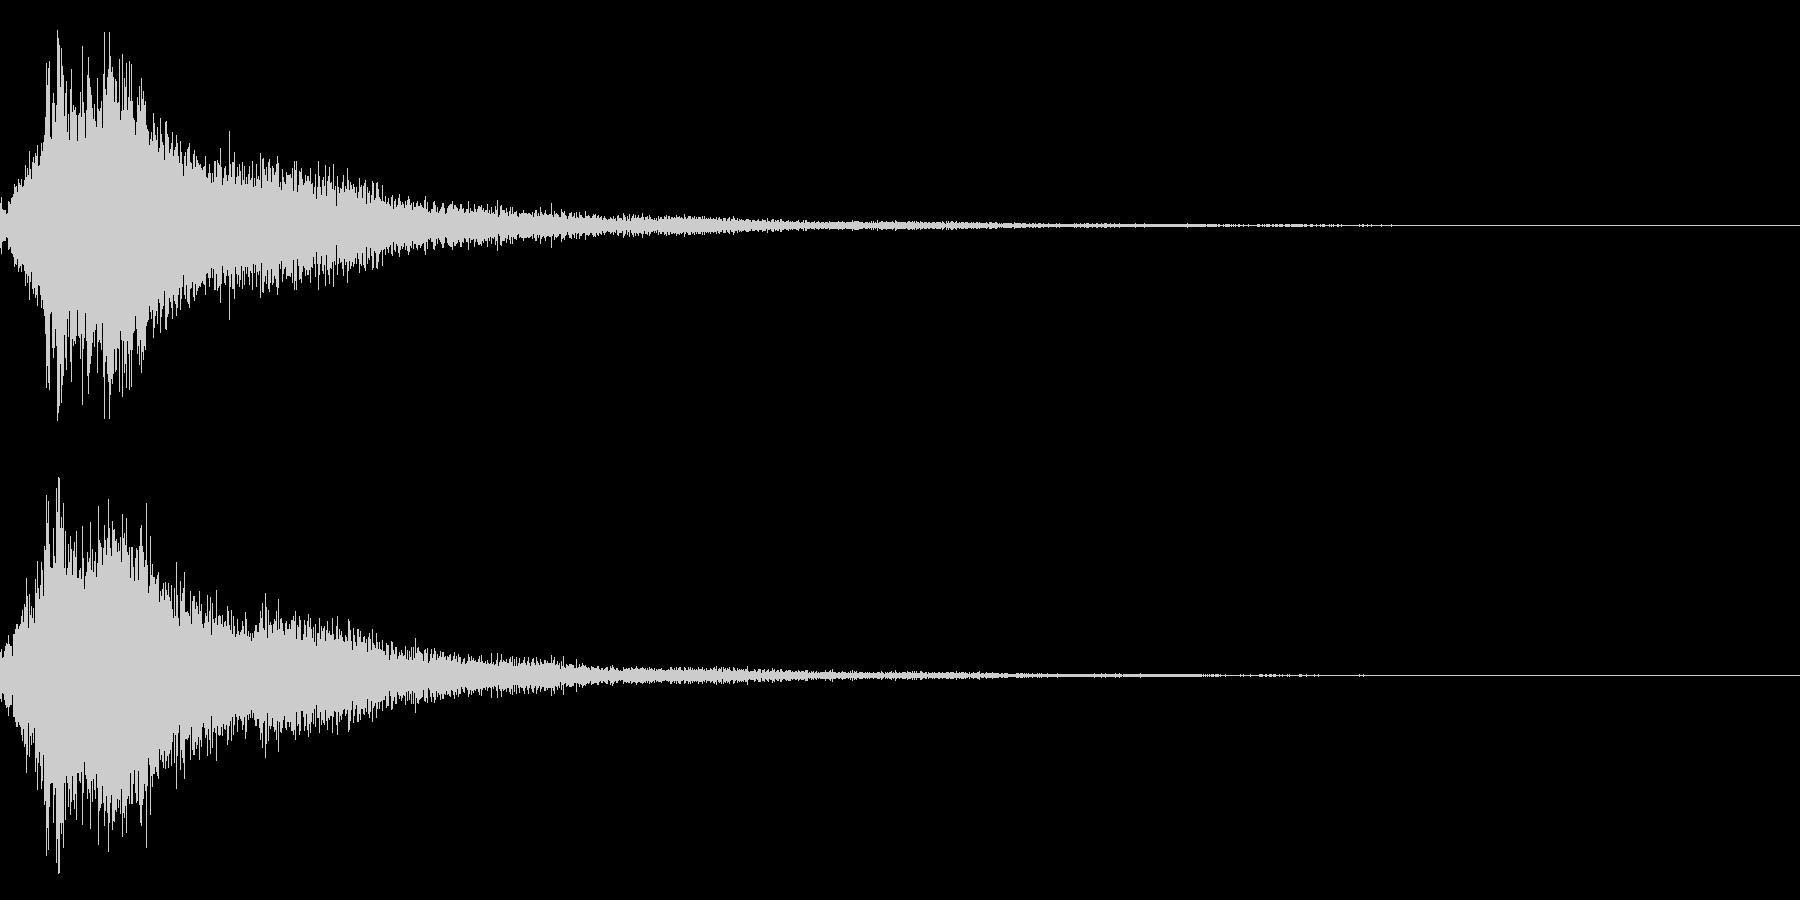 琴と刀の【シャキーン!】和風ロゴ 11の未再生の波形